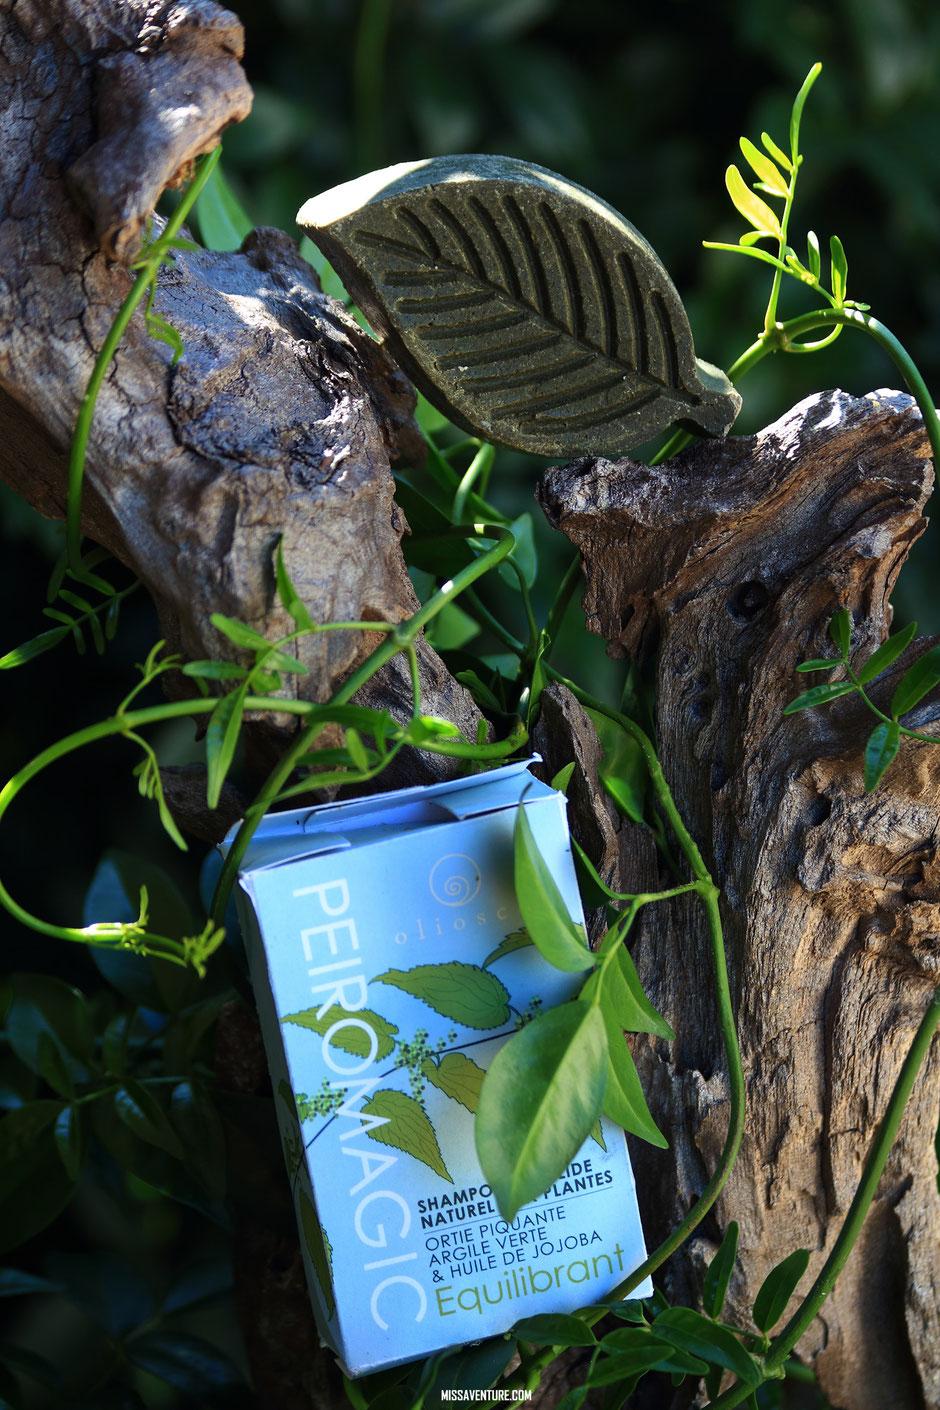 Oliosco, Les savons et shampoings solides vegan, naturels et made in provence. beauté green. www.missaventure.com blog voyage d'aventure nature et photo